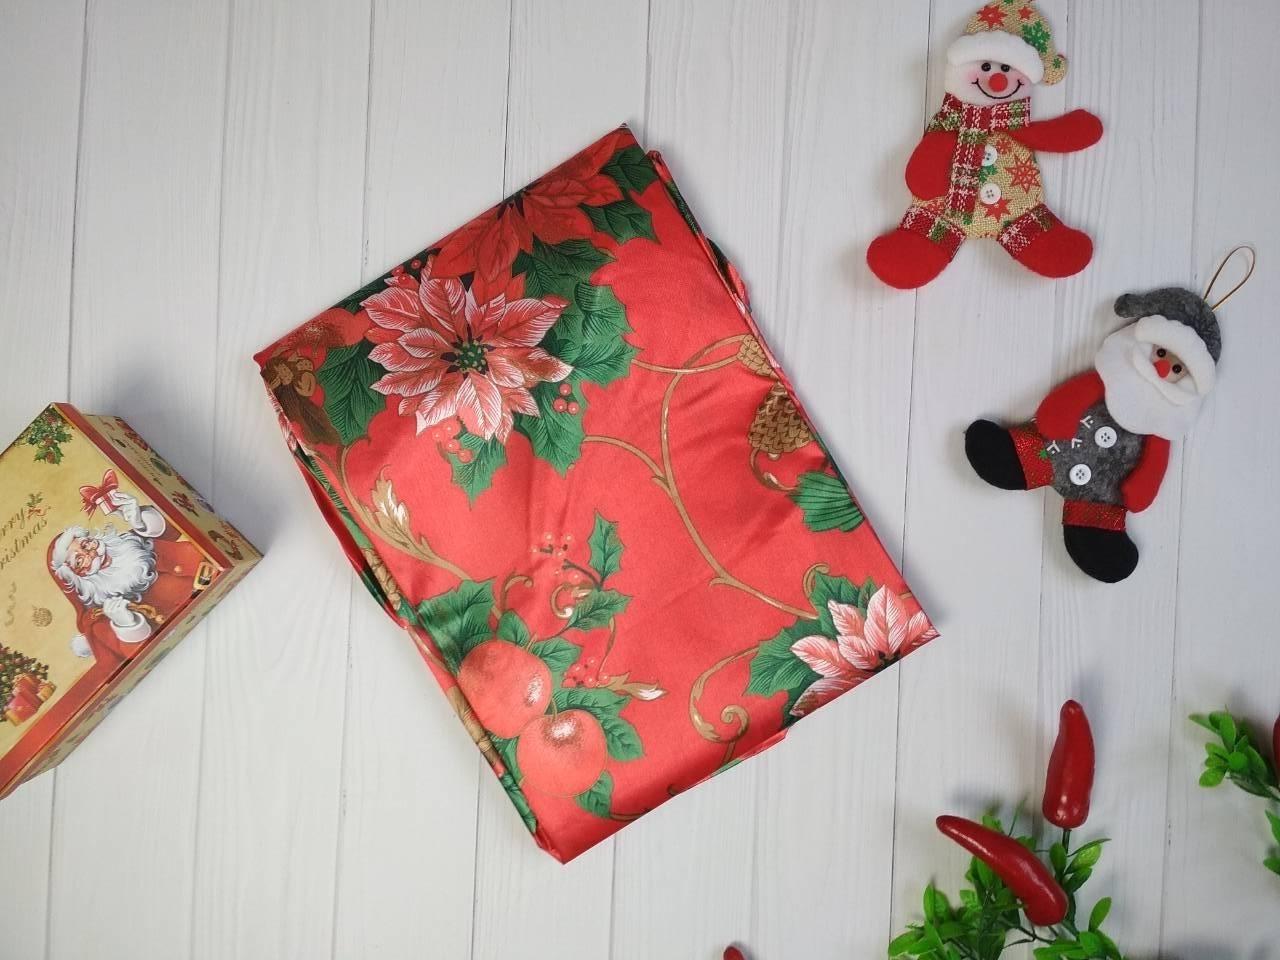 Скатерть новогодняя атласная 150*220 см Пуансетия, новогодние атласные скатерти оптом от производителя